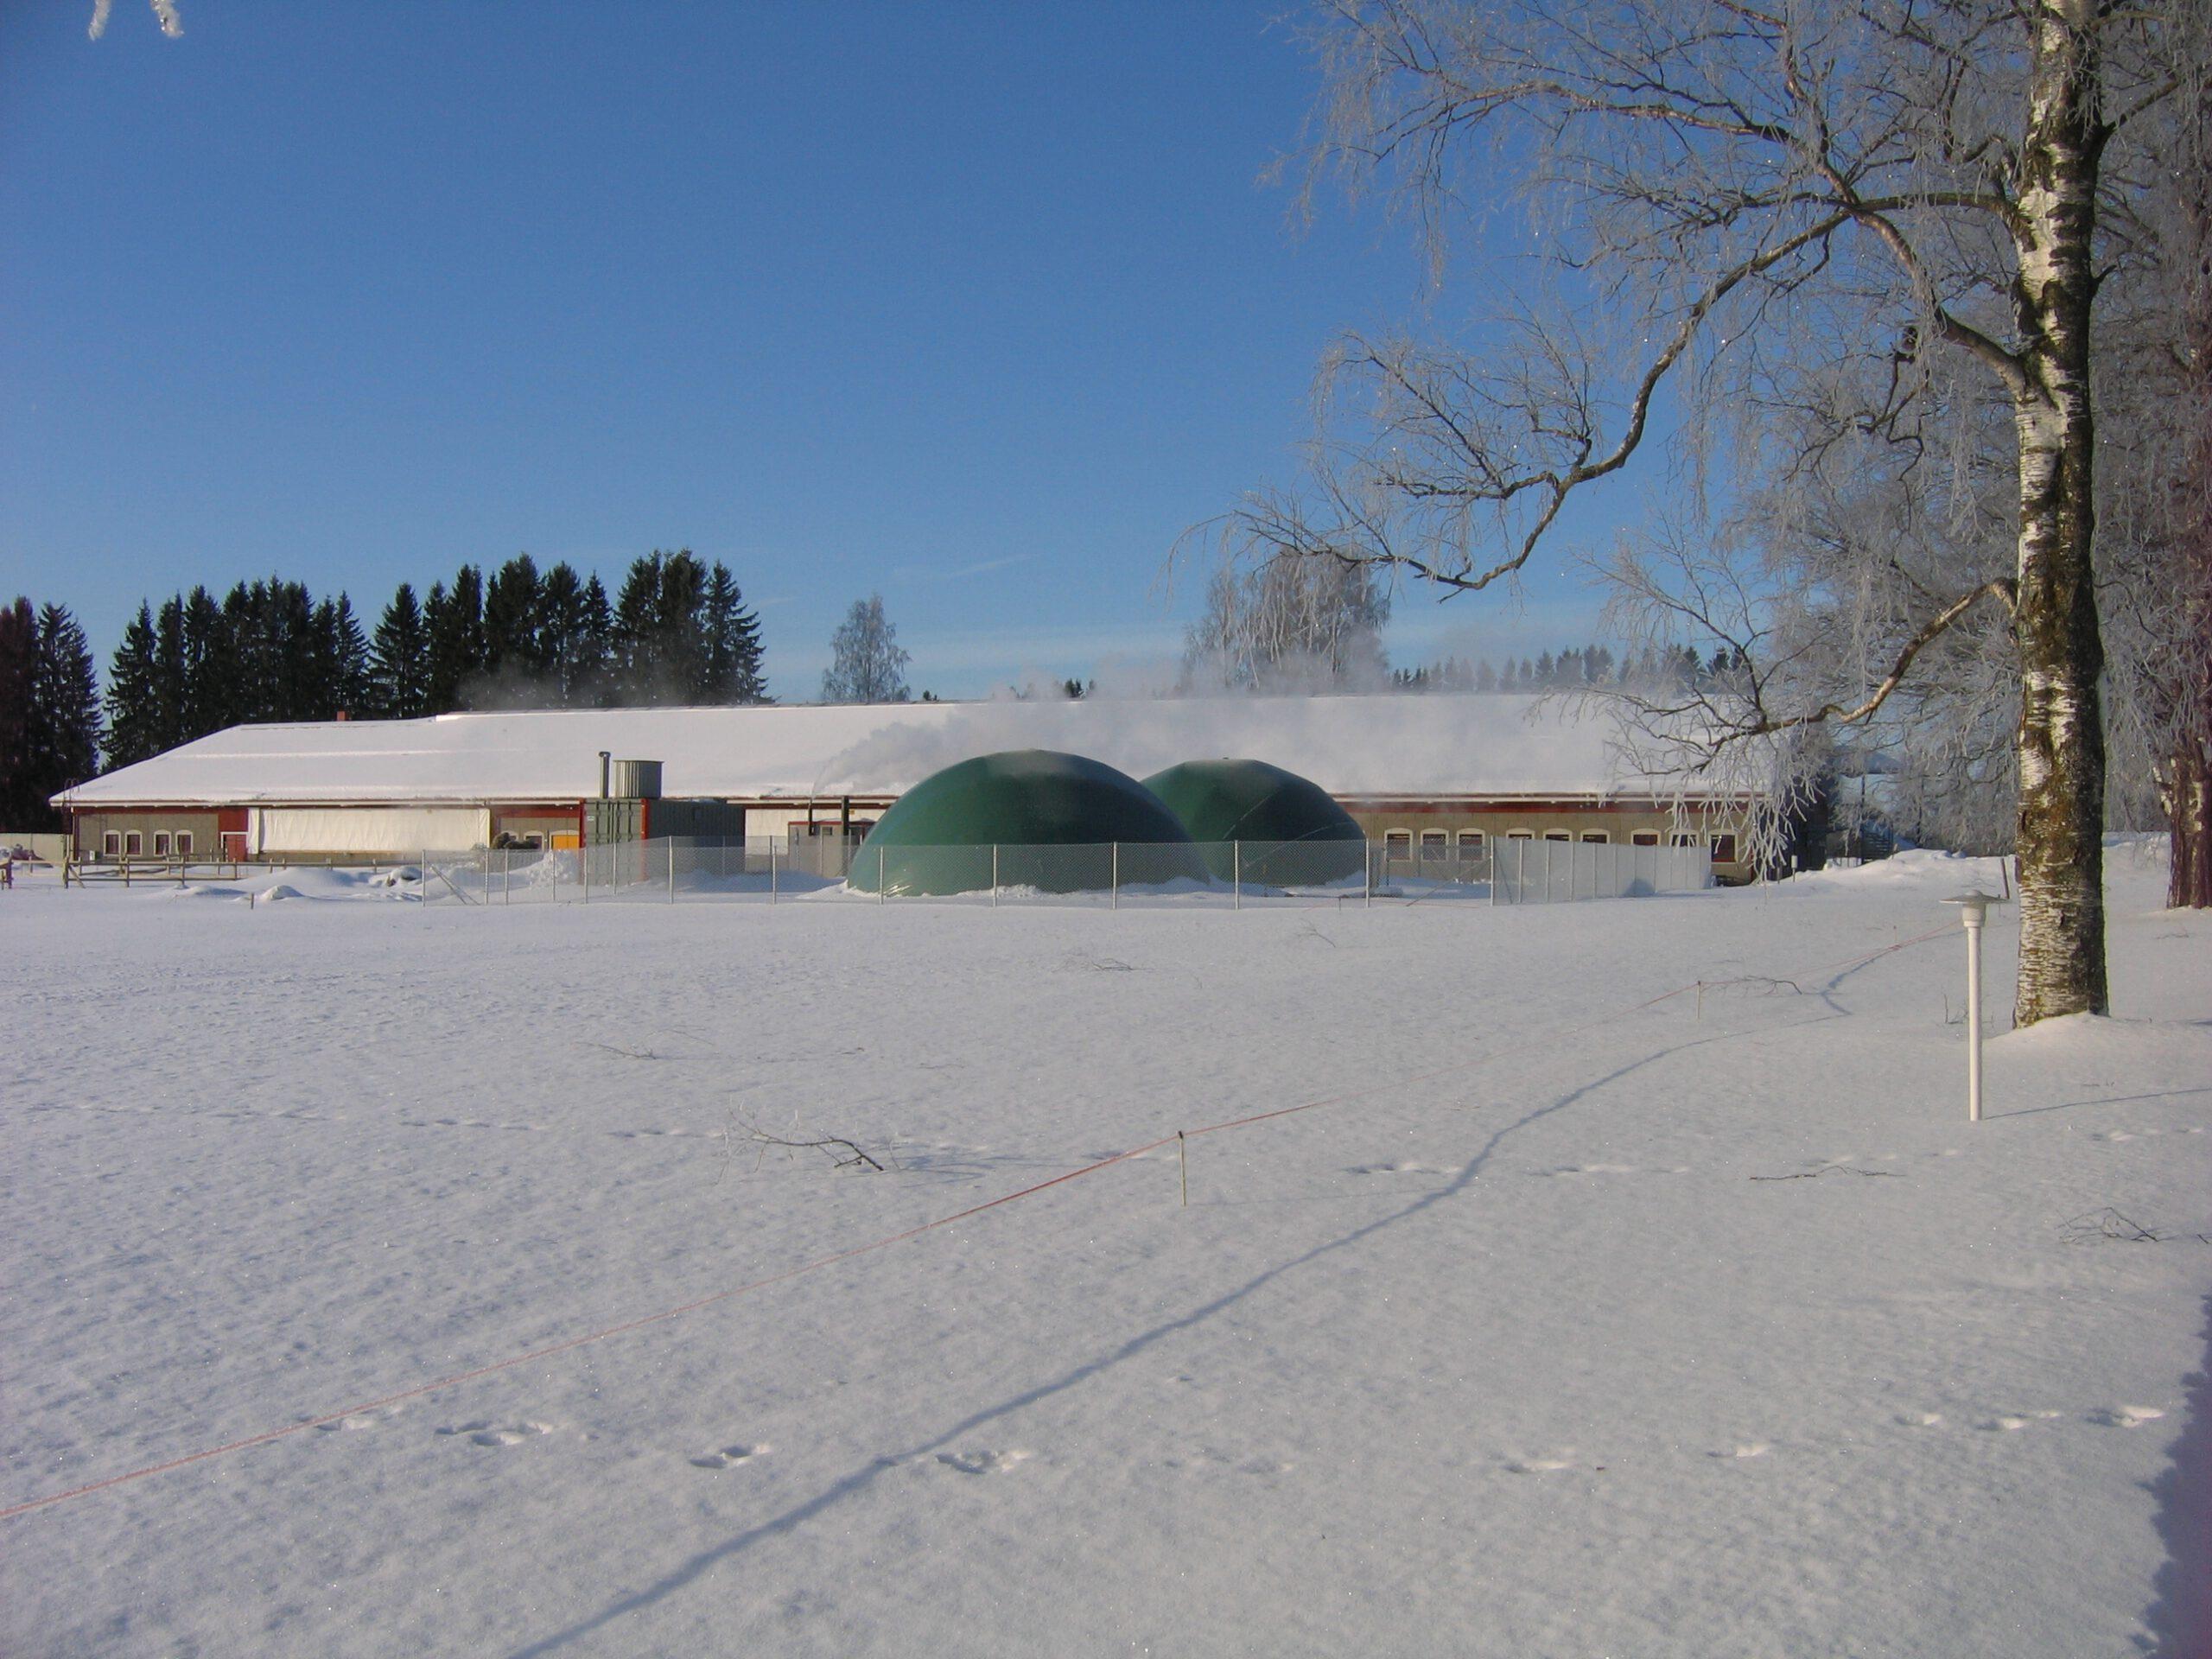 Biokaasutuotantolaitos talvisessa maisemassa maaeudulla